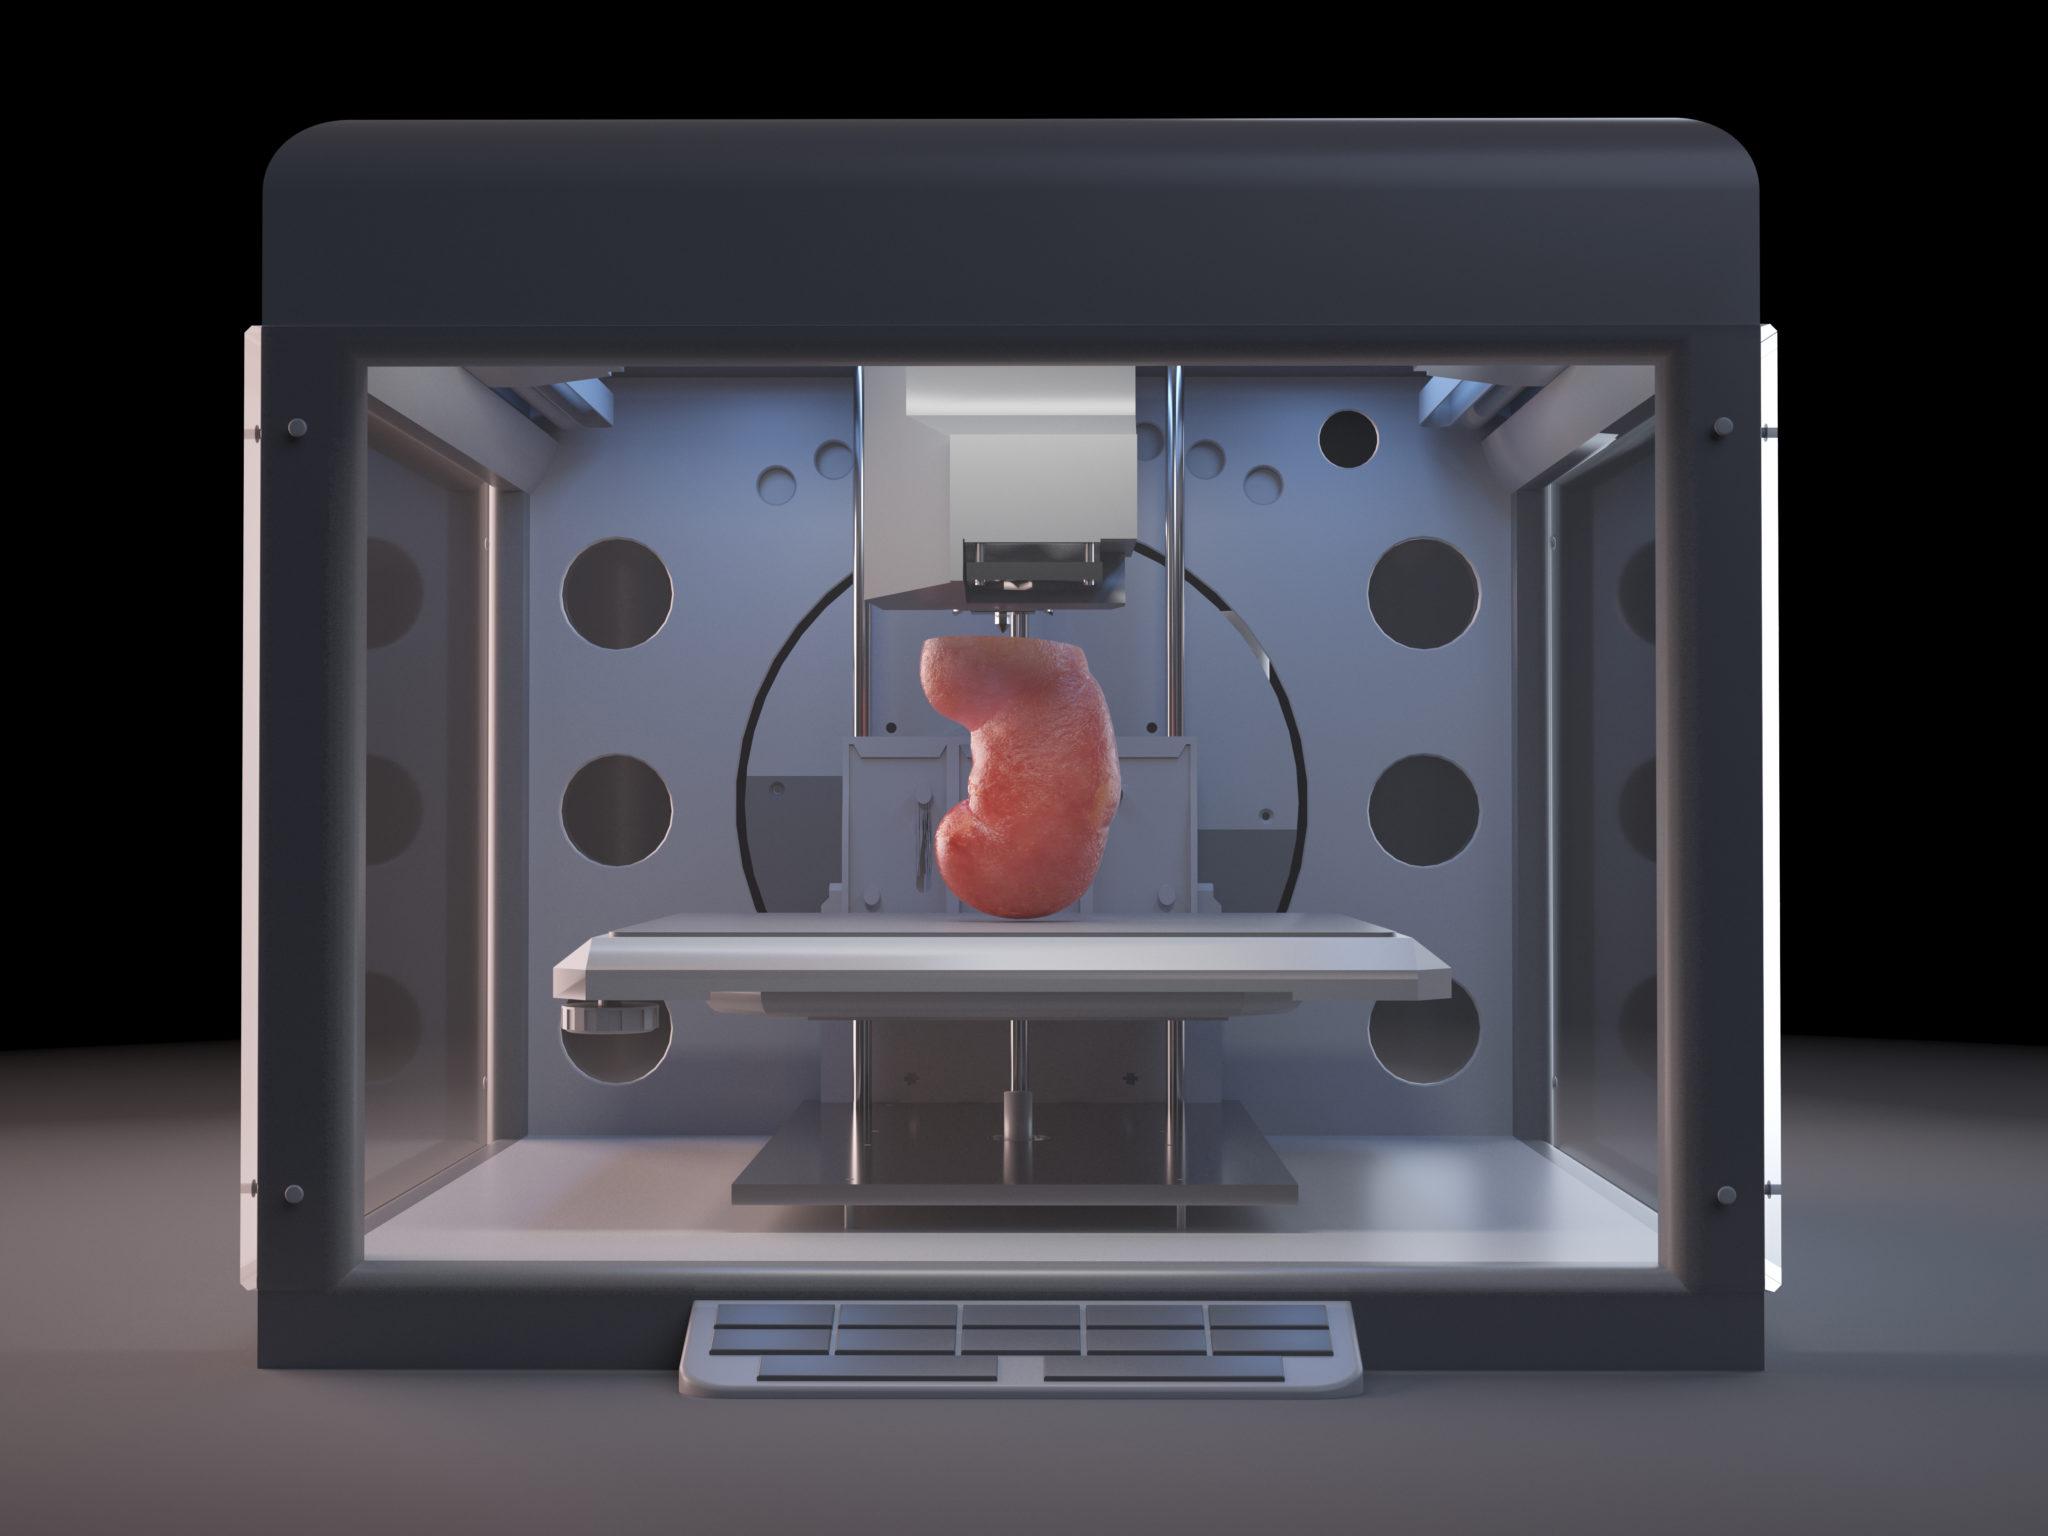 Noch existiert sie nur als Computerbild. Doch die Niere aus dem 3D-Drucker könnte eines Tages Leben retten.